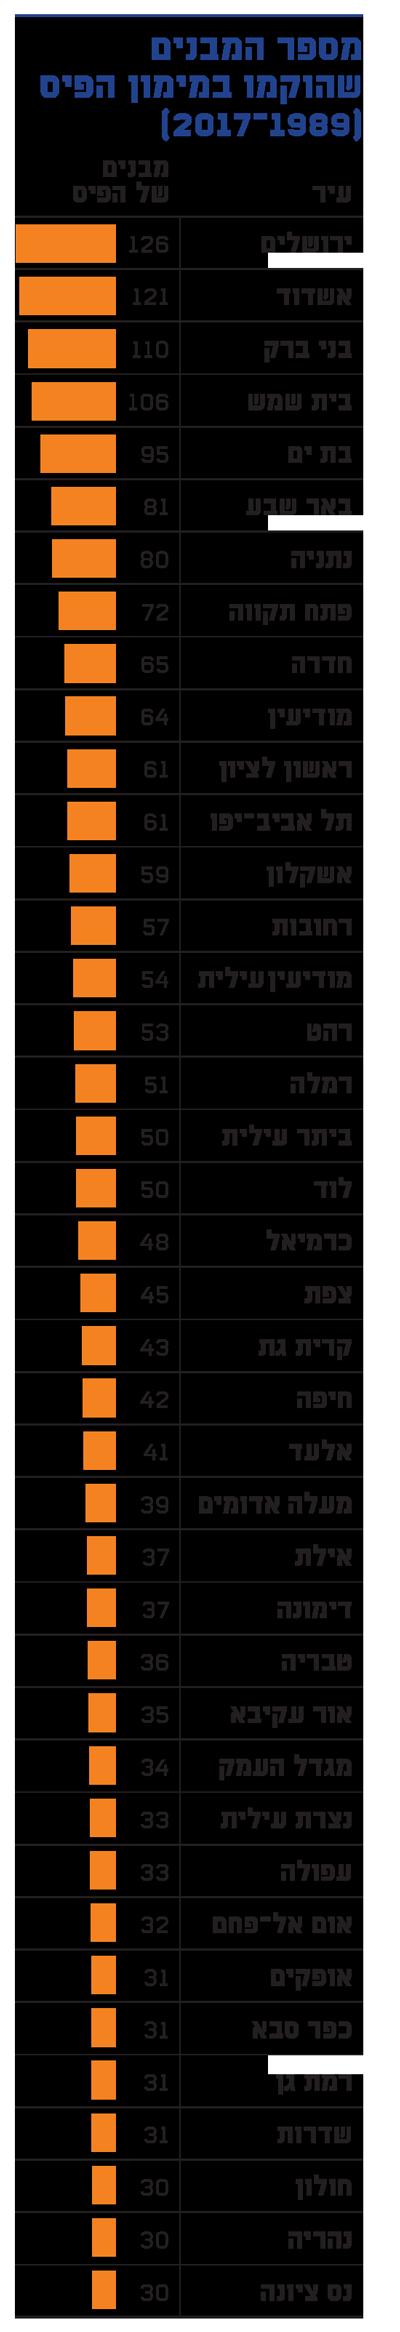 מבנים שהוקמו במימון הפיס (מאז 1989)